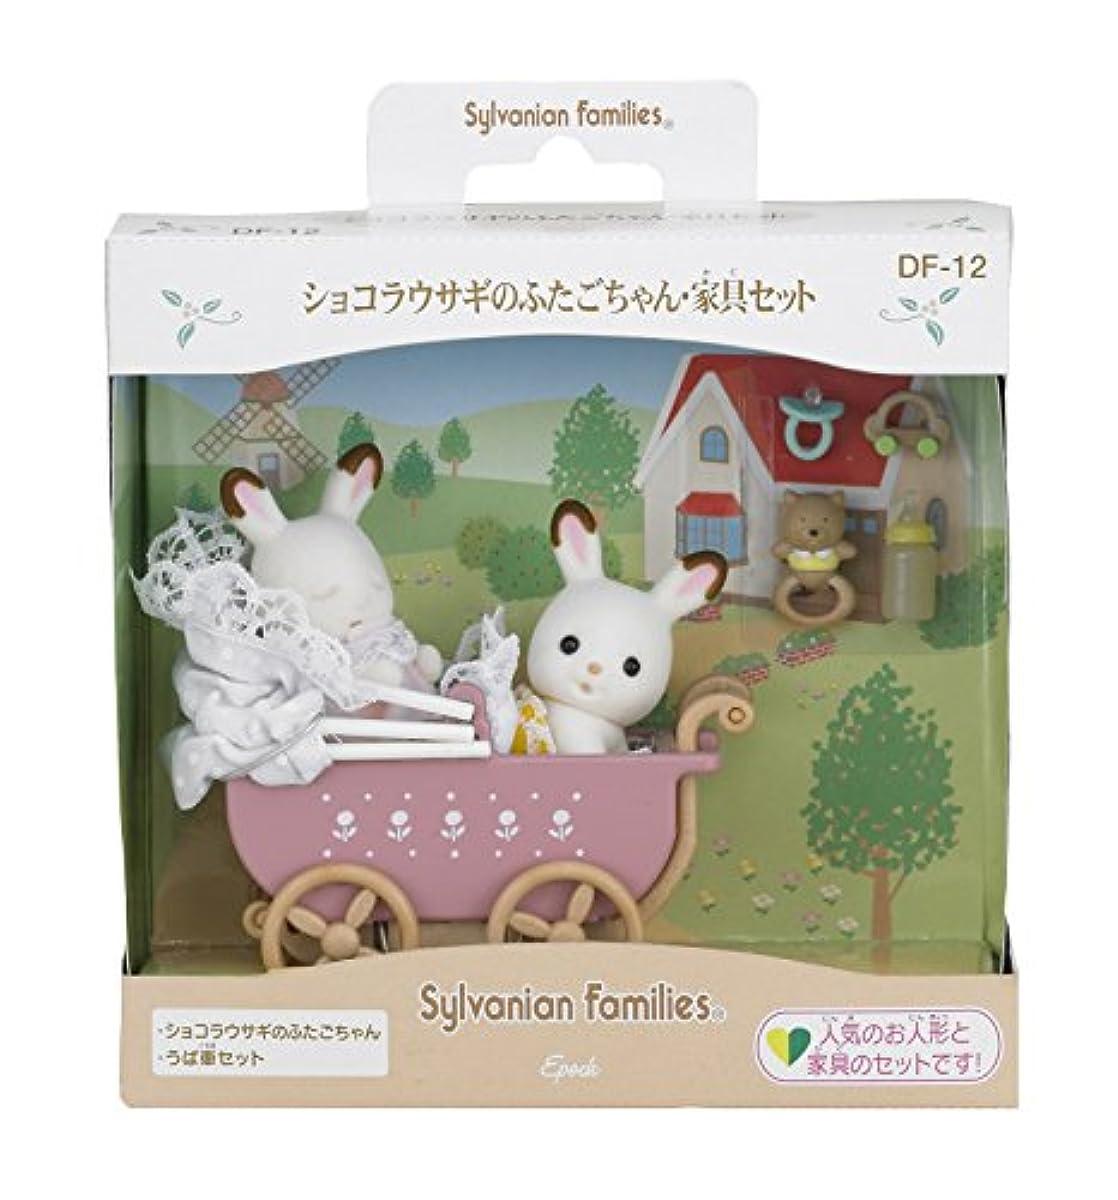 [해외] 실바니안 패밀리 인형가구 세트 초콜릿 토끼의 쌍둥이가구 세트 DF-12